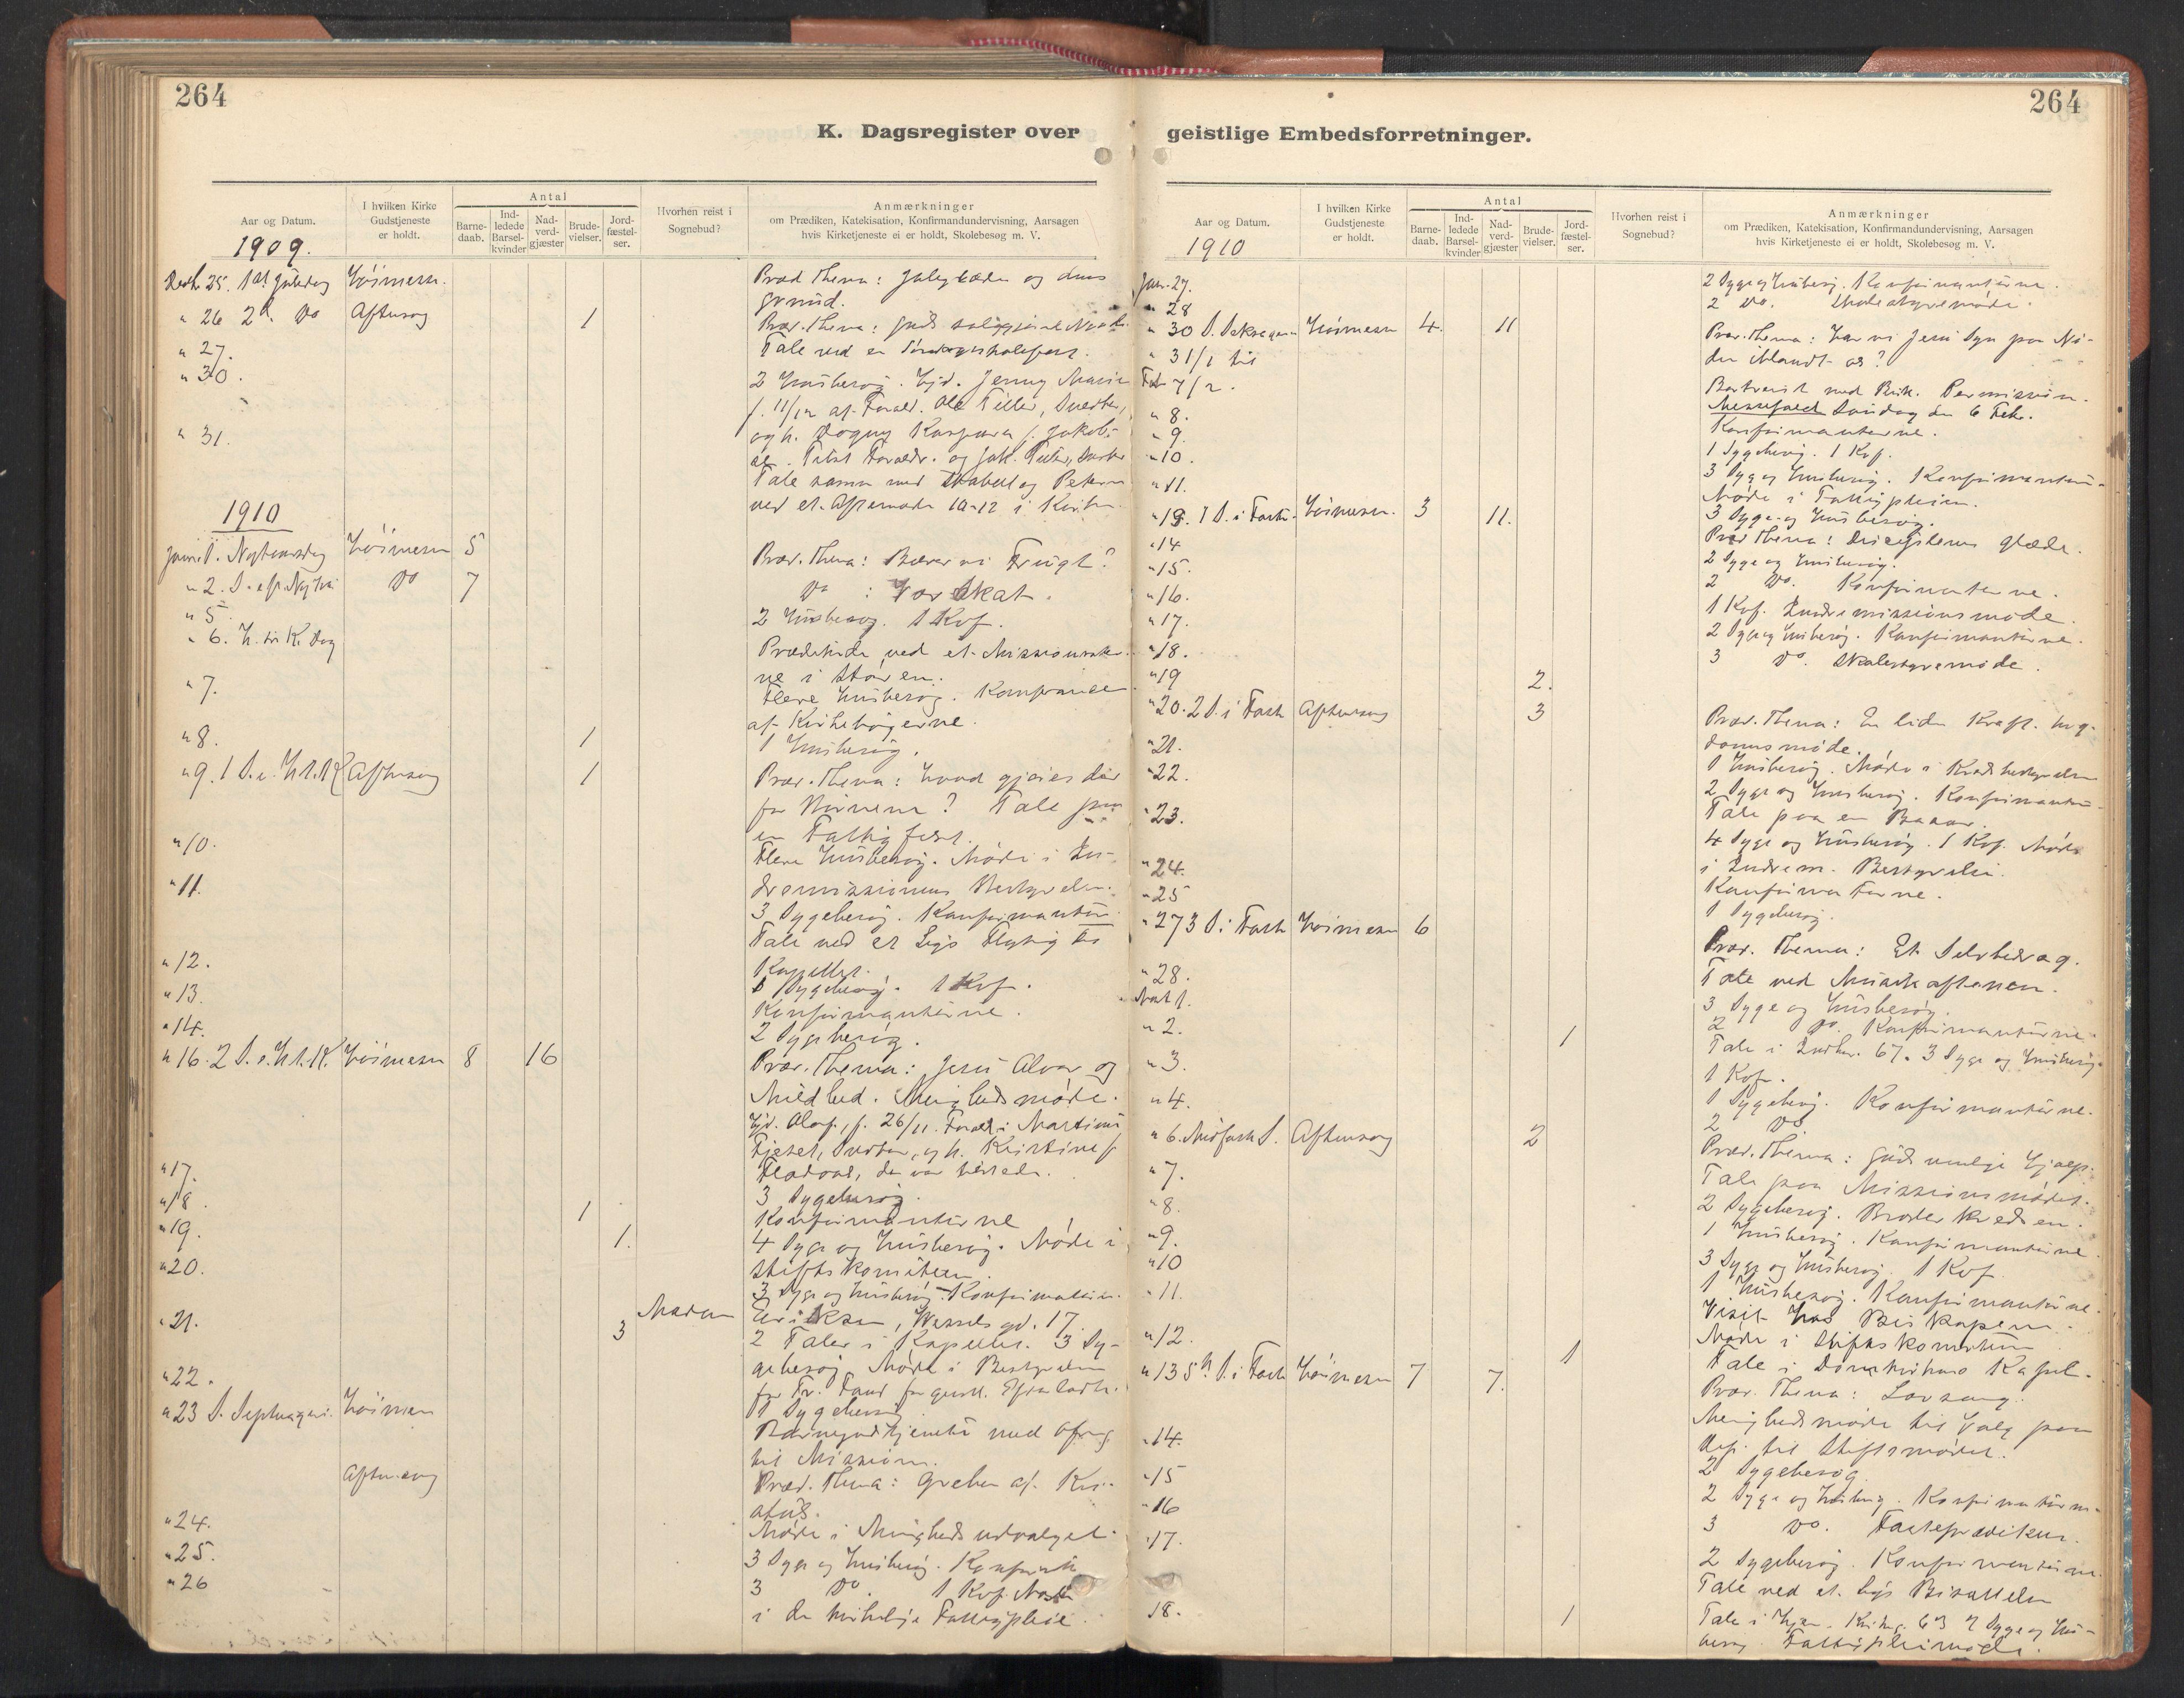 SAT, Ministerialprotokoller, klokkerbøker og fødselsregistre - Sør-Trøndelag, 605/L0244: Ministerialbok nr. 605A06, 1908-1954, s. 264